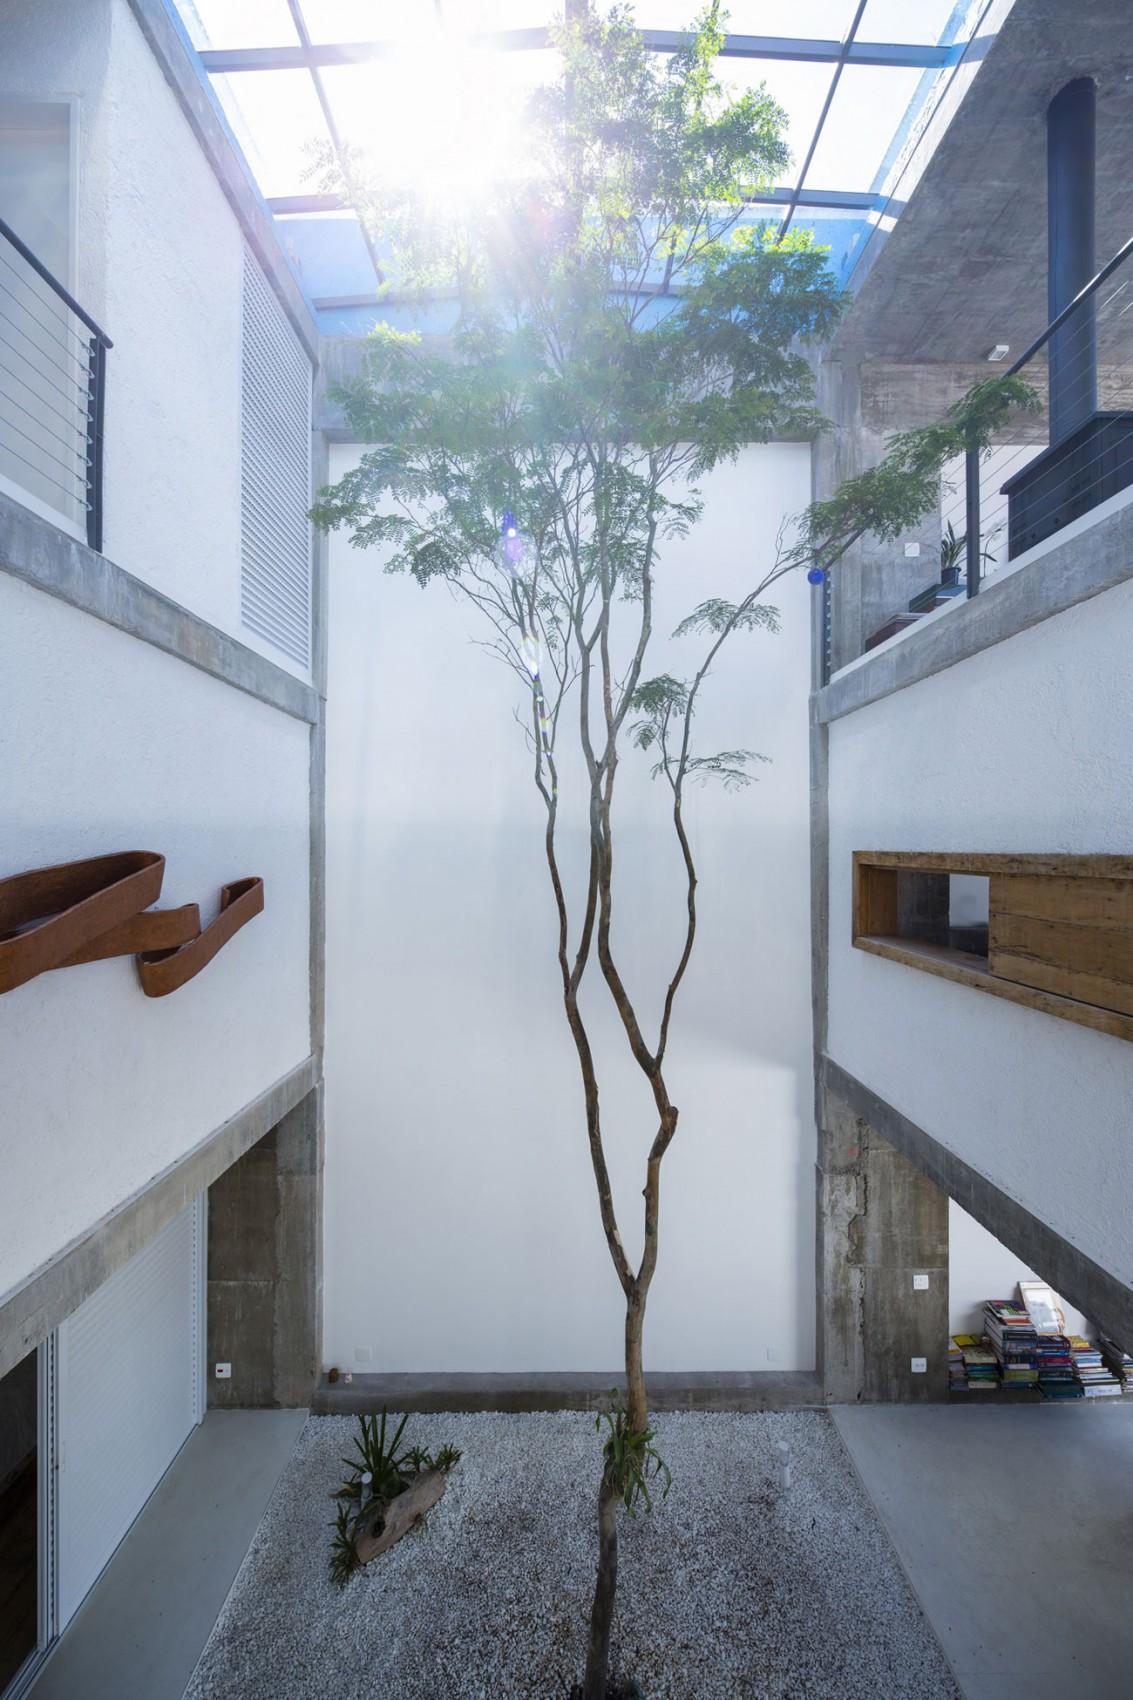 Дома с внутренним двориком: проект реконструкции M - M House от бразильских архитекторов